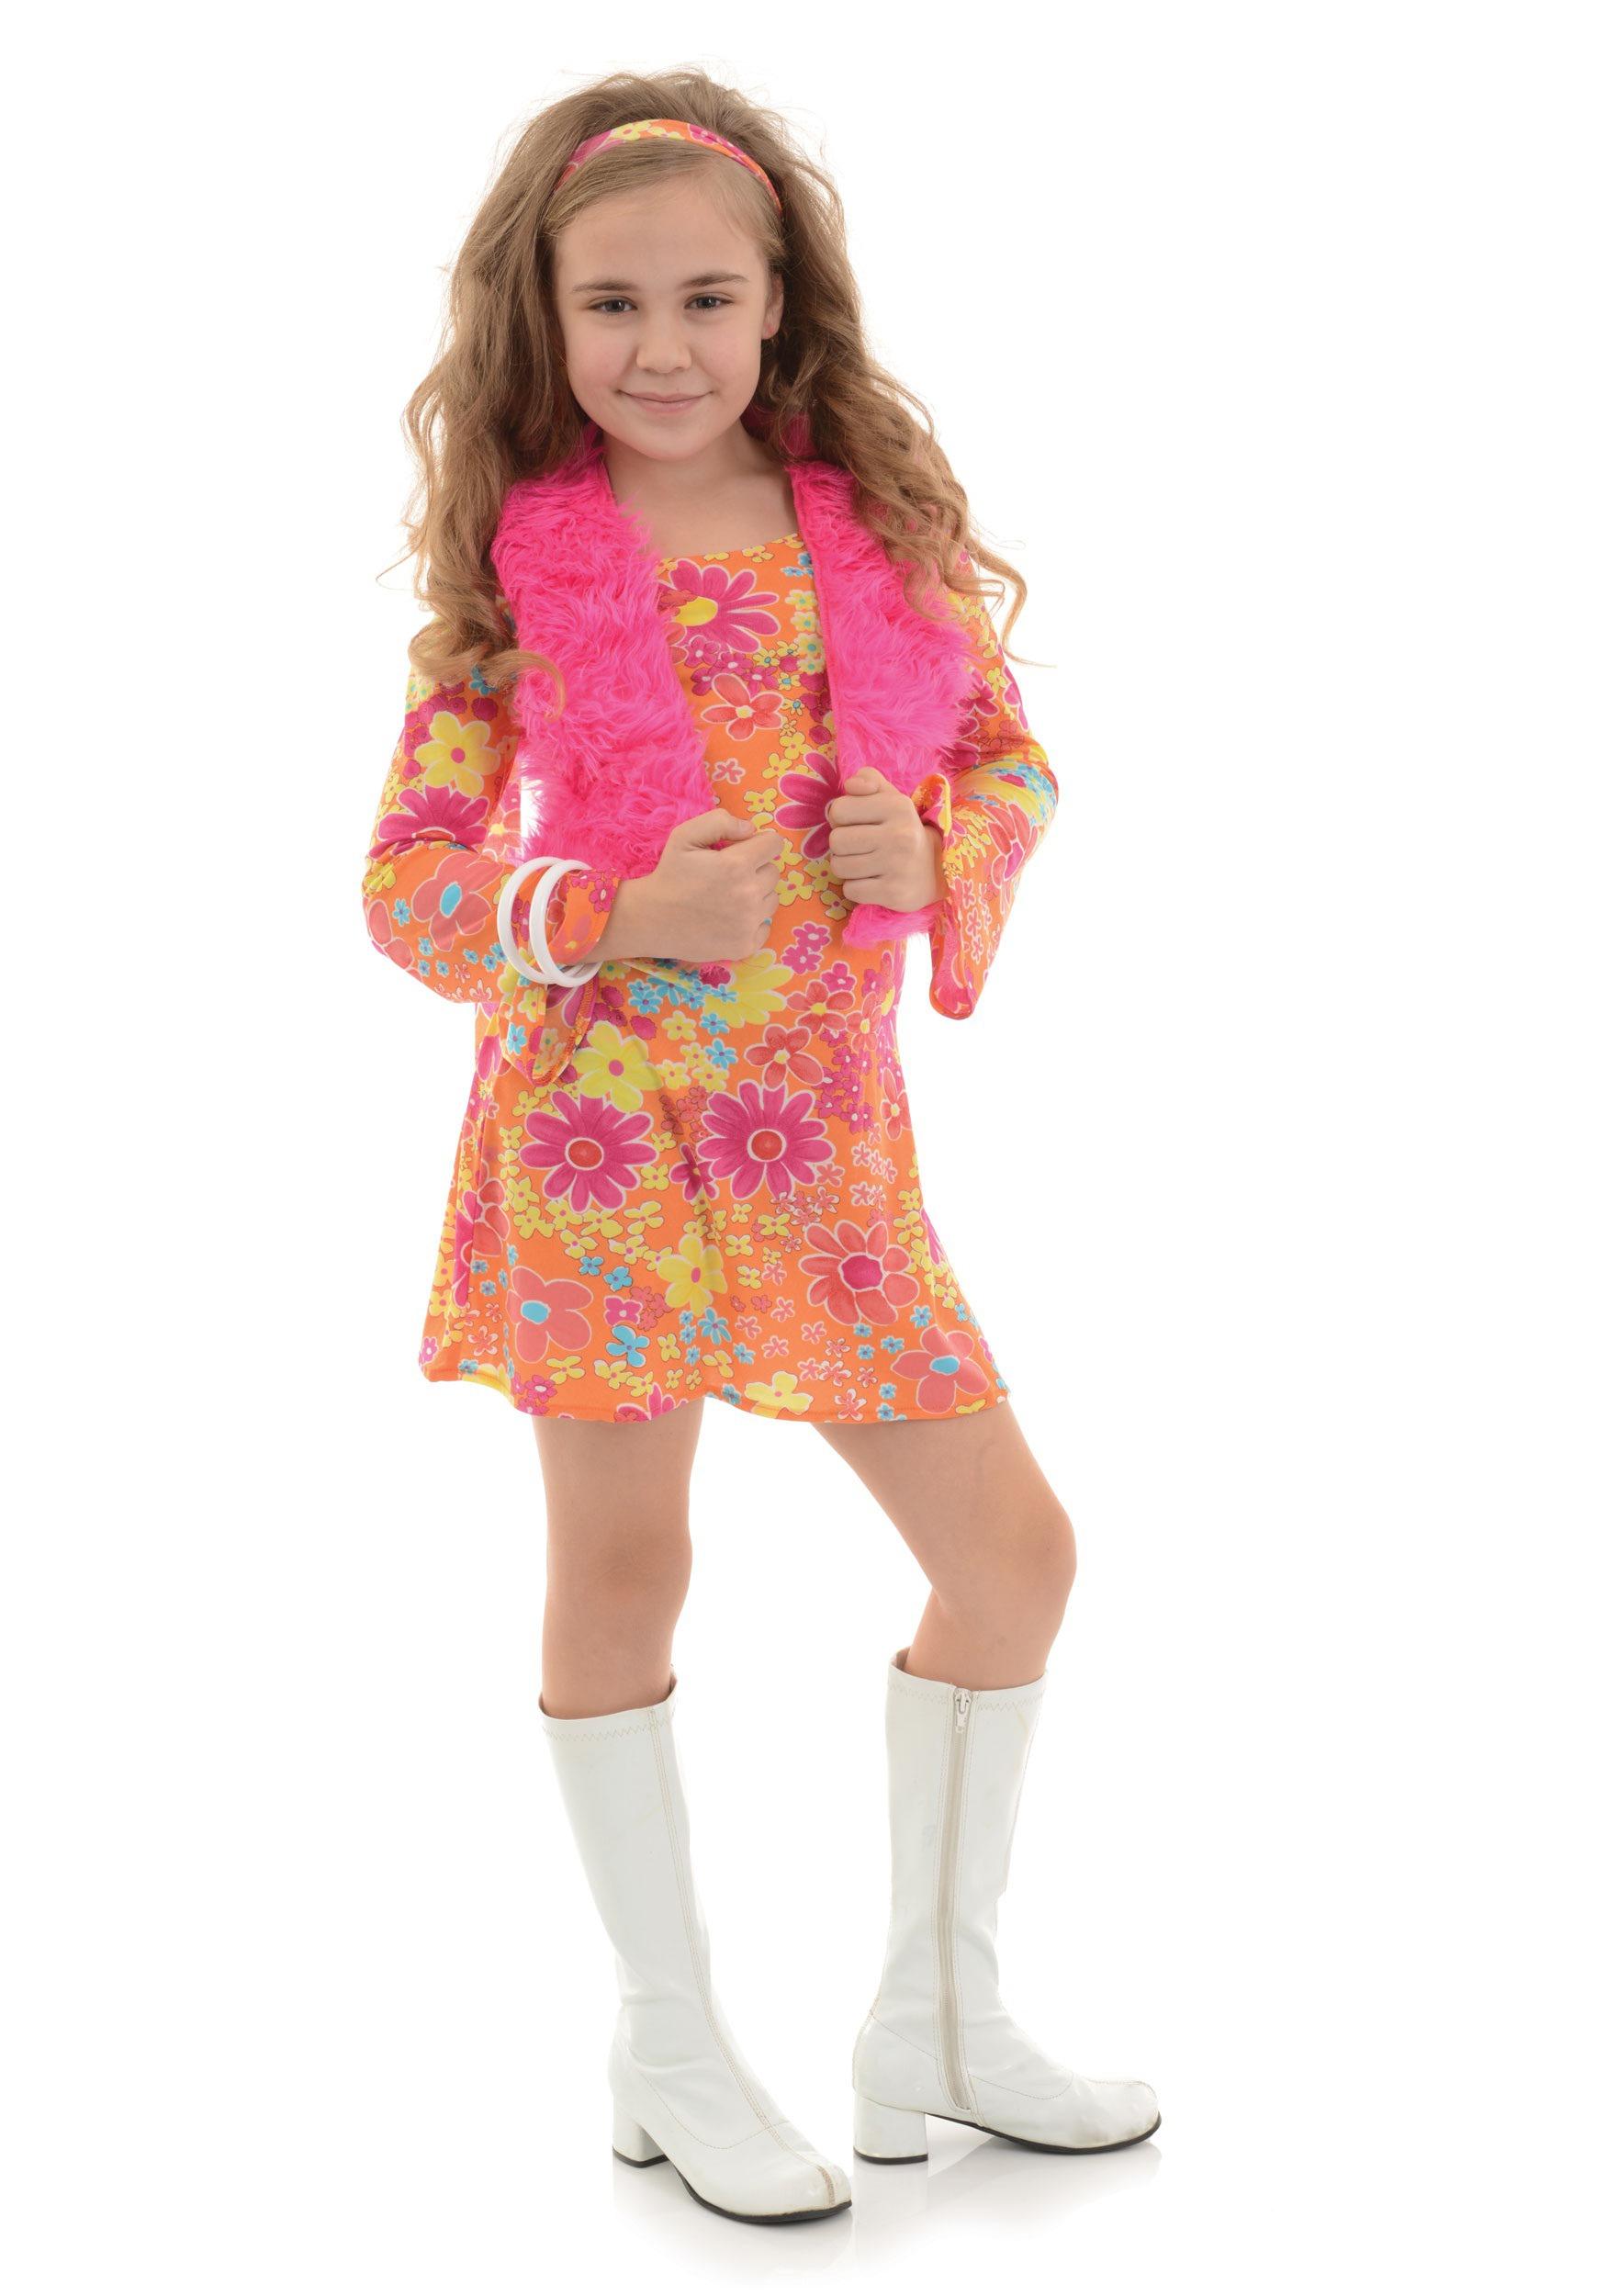 Flower Power 70s Girls Costume